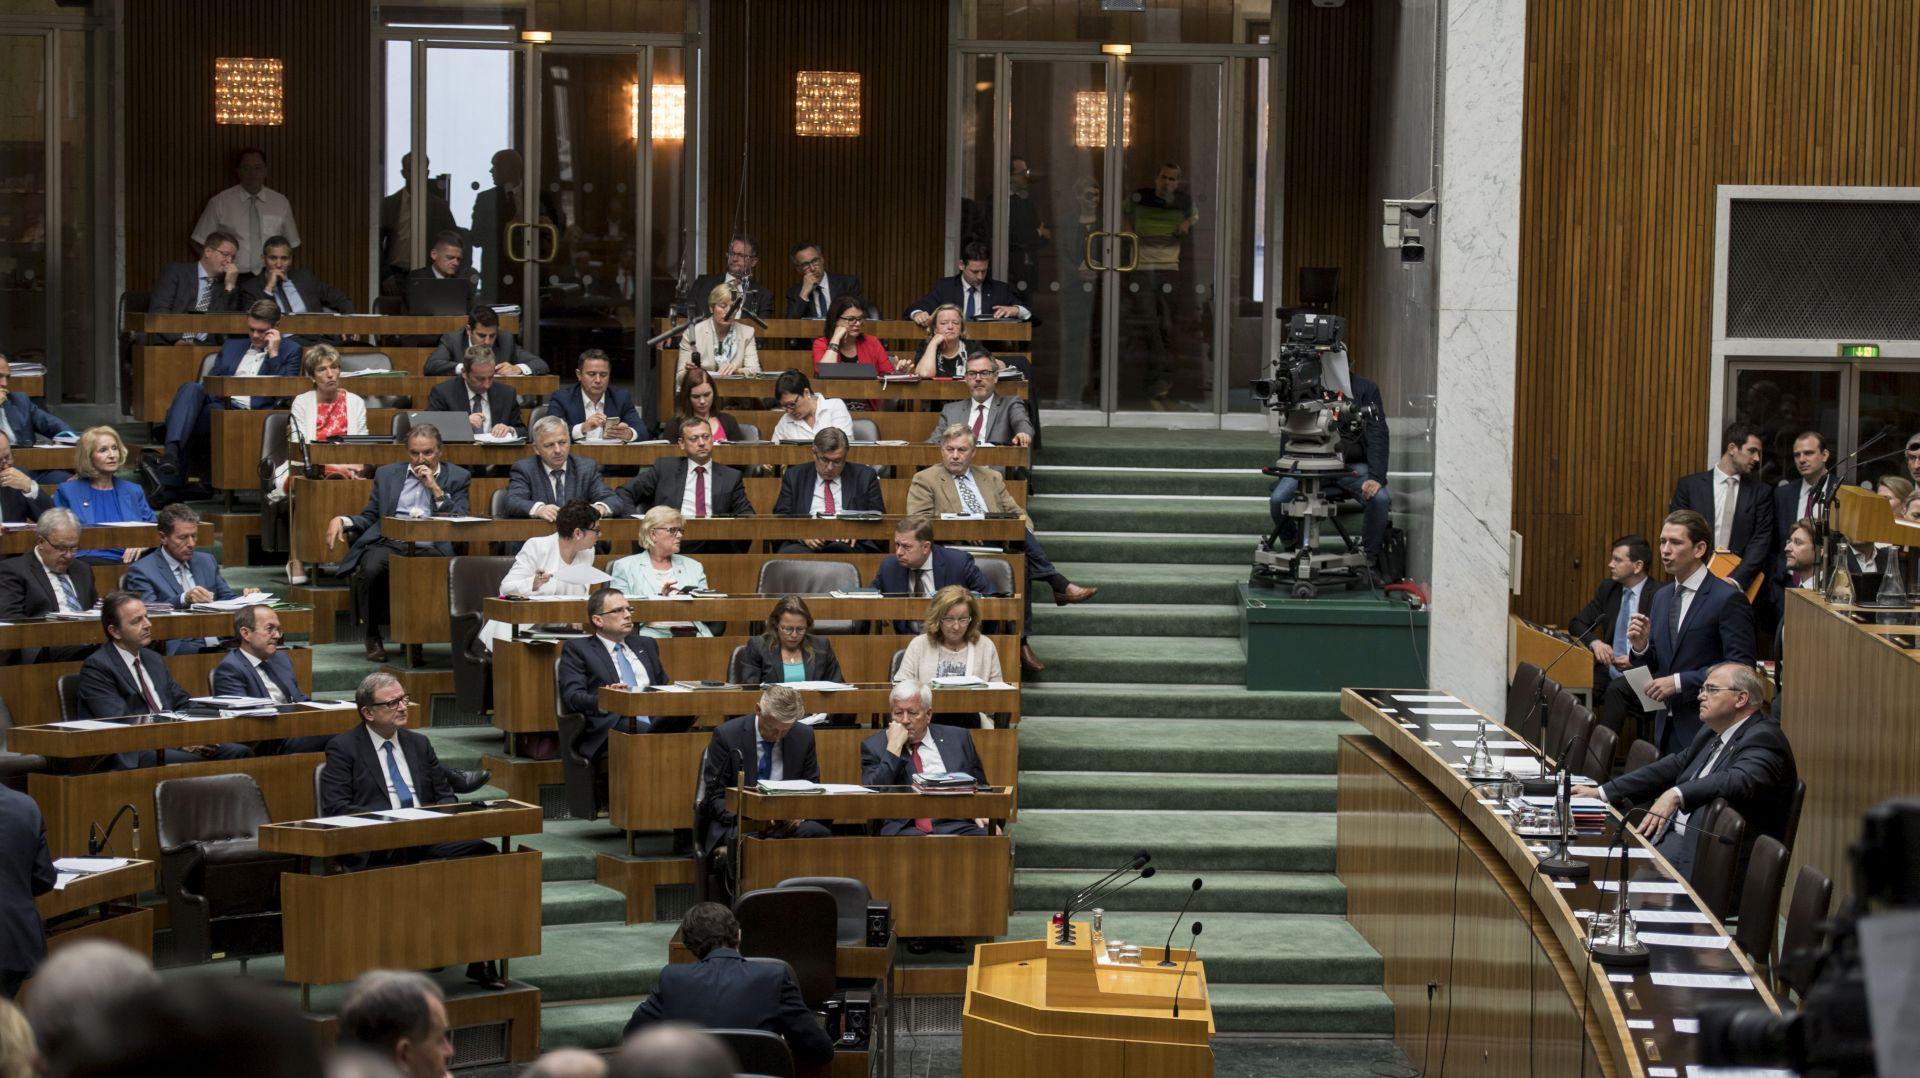 Prijevremeni parlamentarni izbori u Austriji 15. listopada